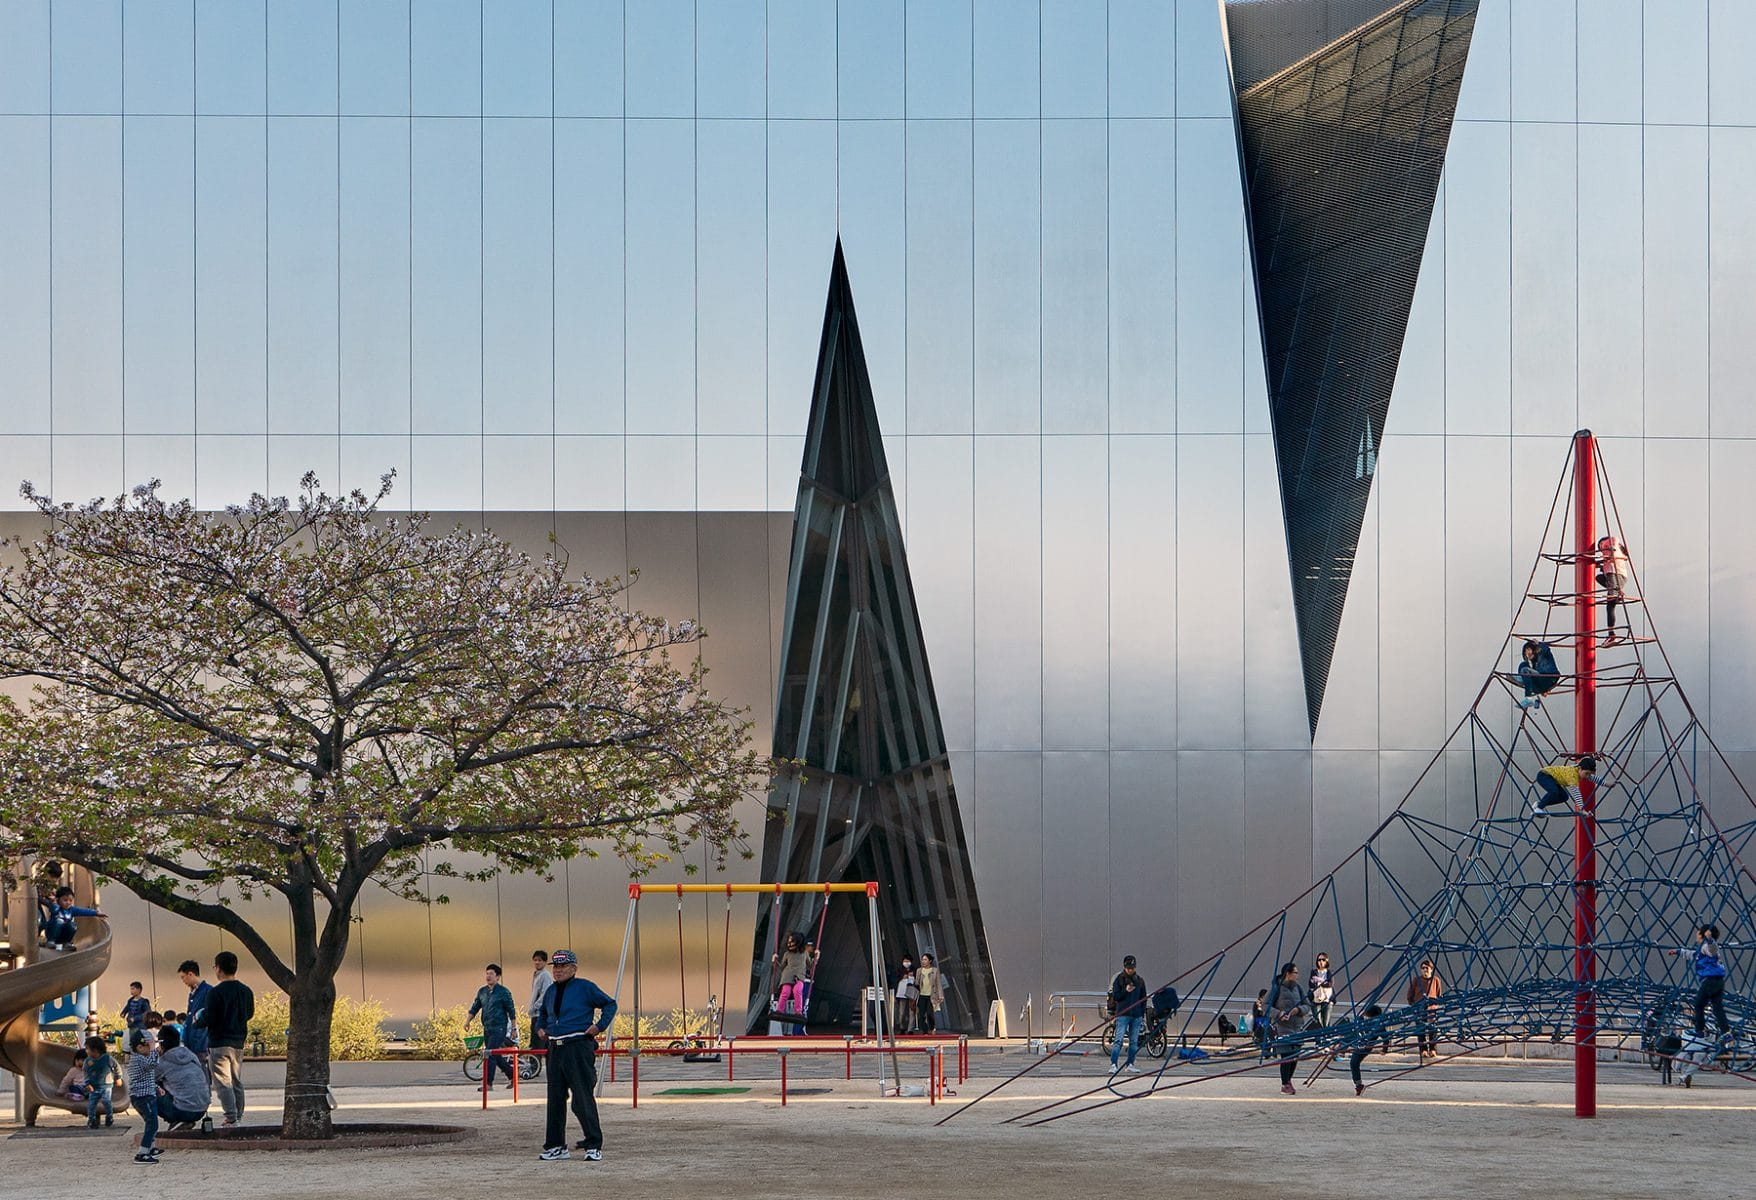 Museumsgebäude mit Spielplatz davor